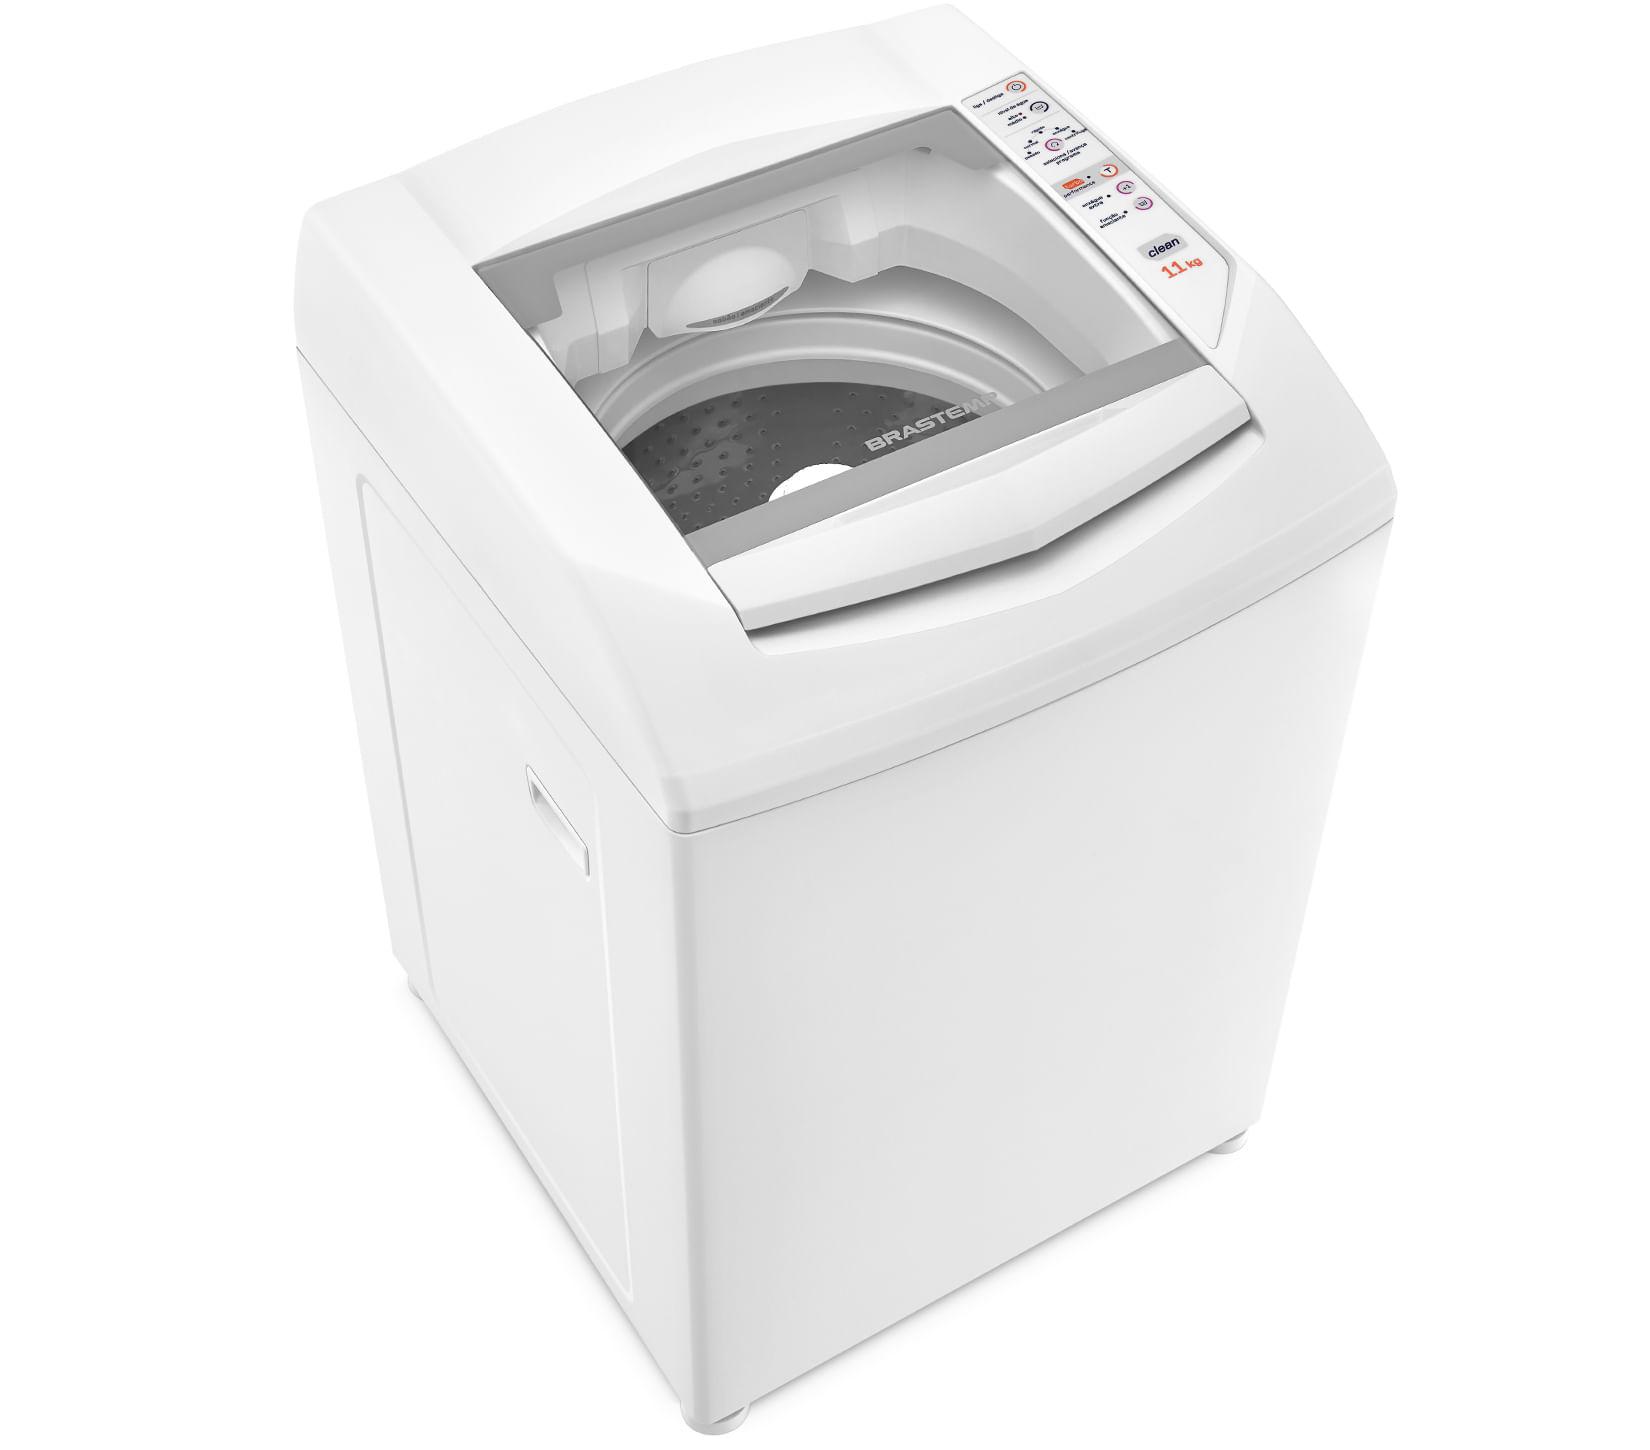 Máquina de Lavar Brastemp 11kg com Enxágue Extra e Função Amaciante